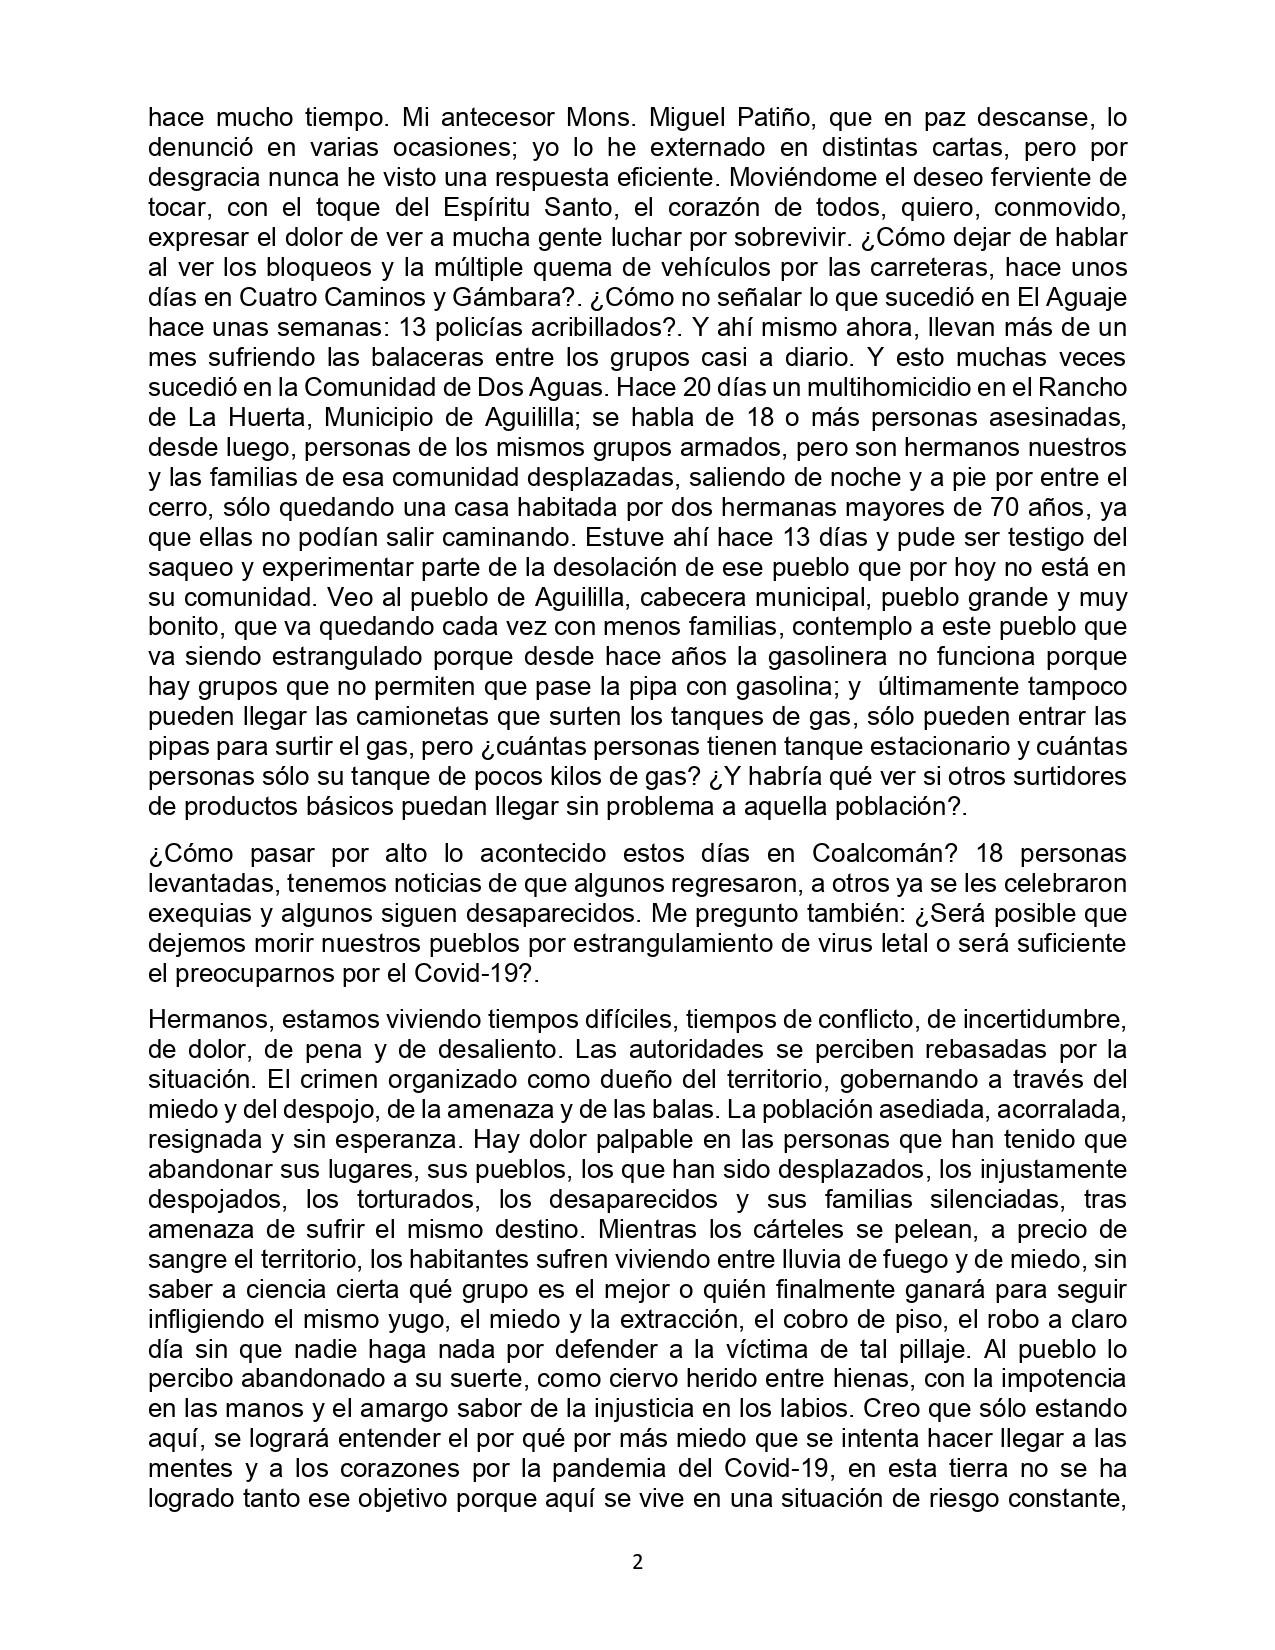 Carta pastoral Violencia_page-0002